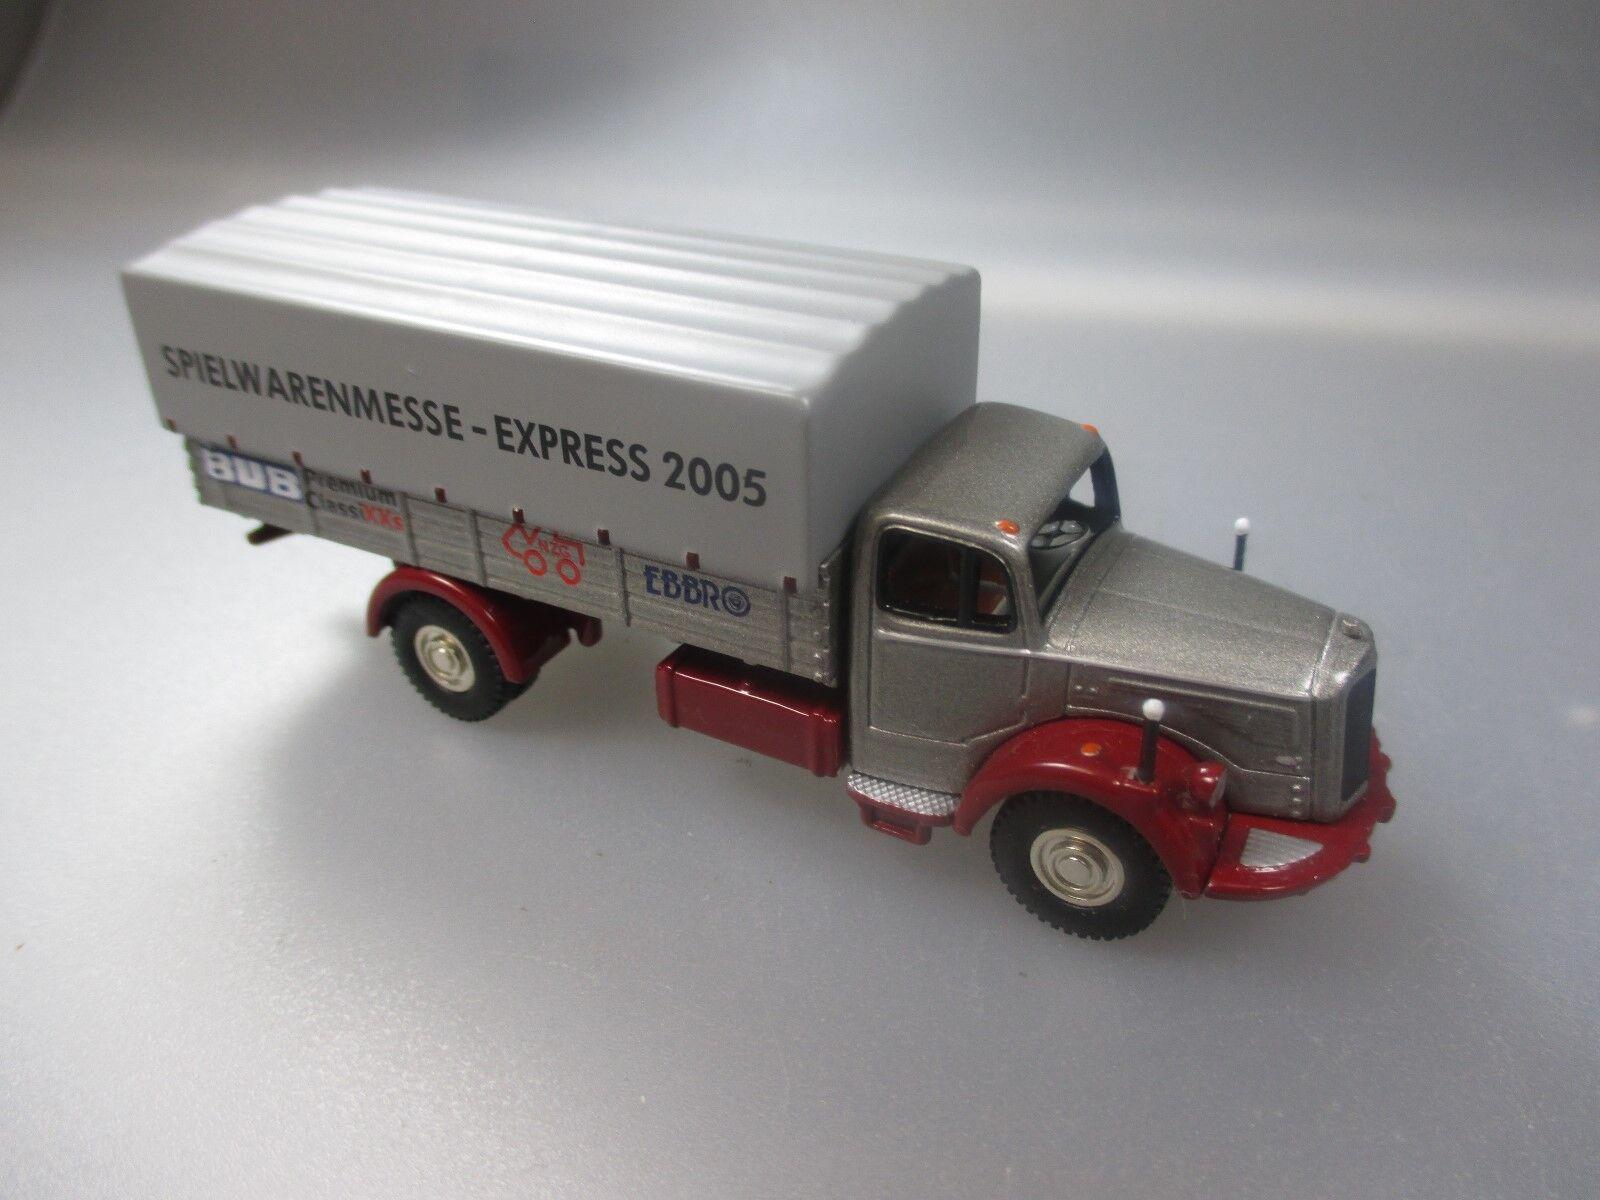 Bouèbe SCALE 1 87 BUBMOBILE  Modèle Spécial, camions, Edition foire 2005 (gk5)